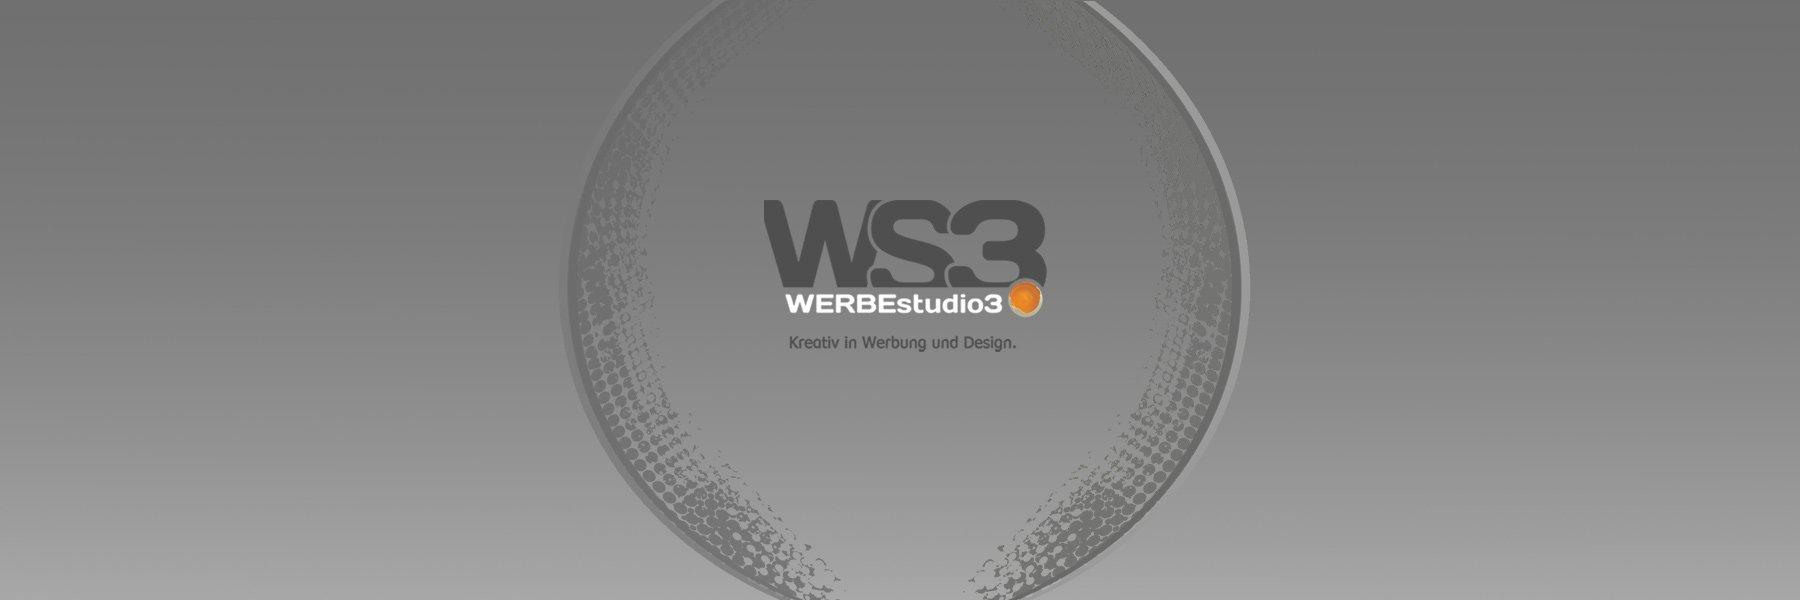 Logo Werbestudio3